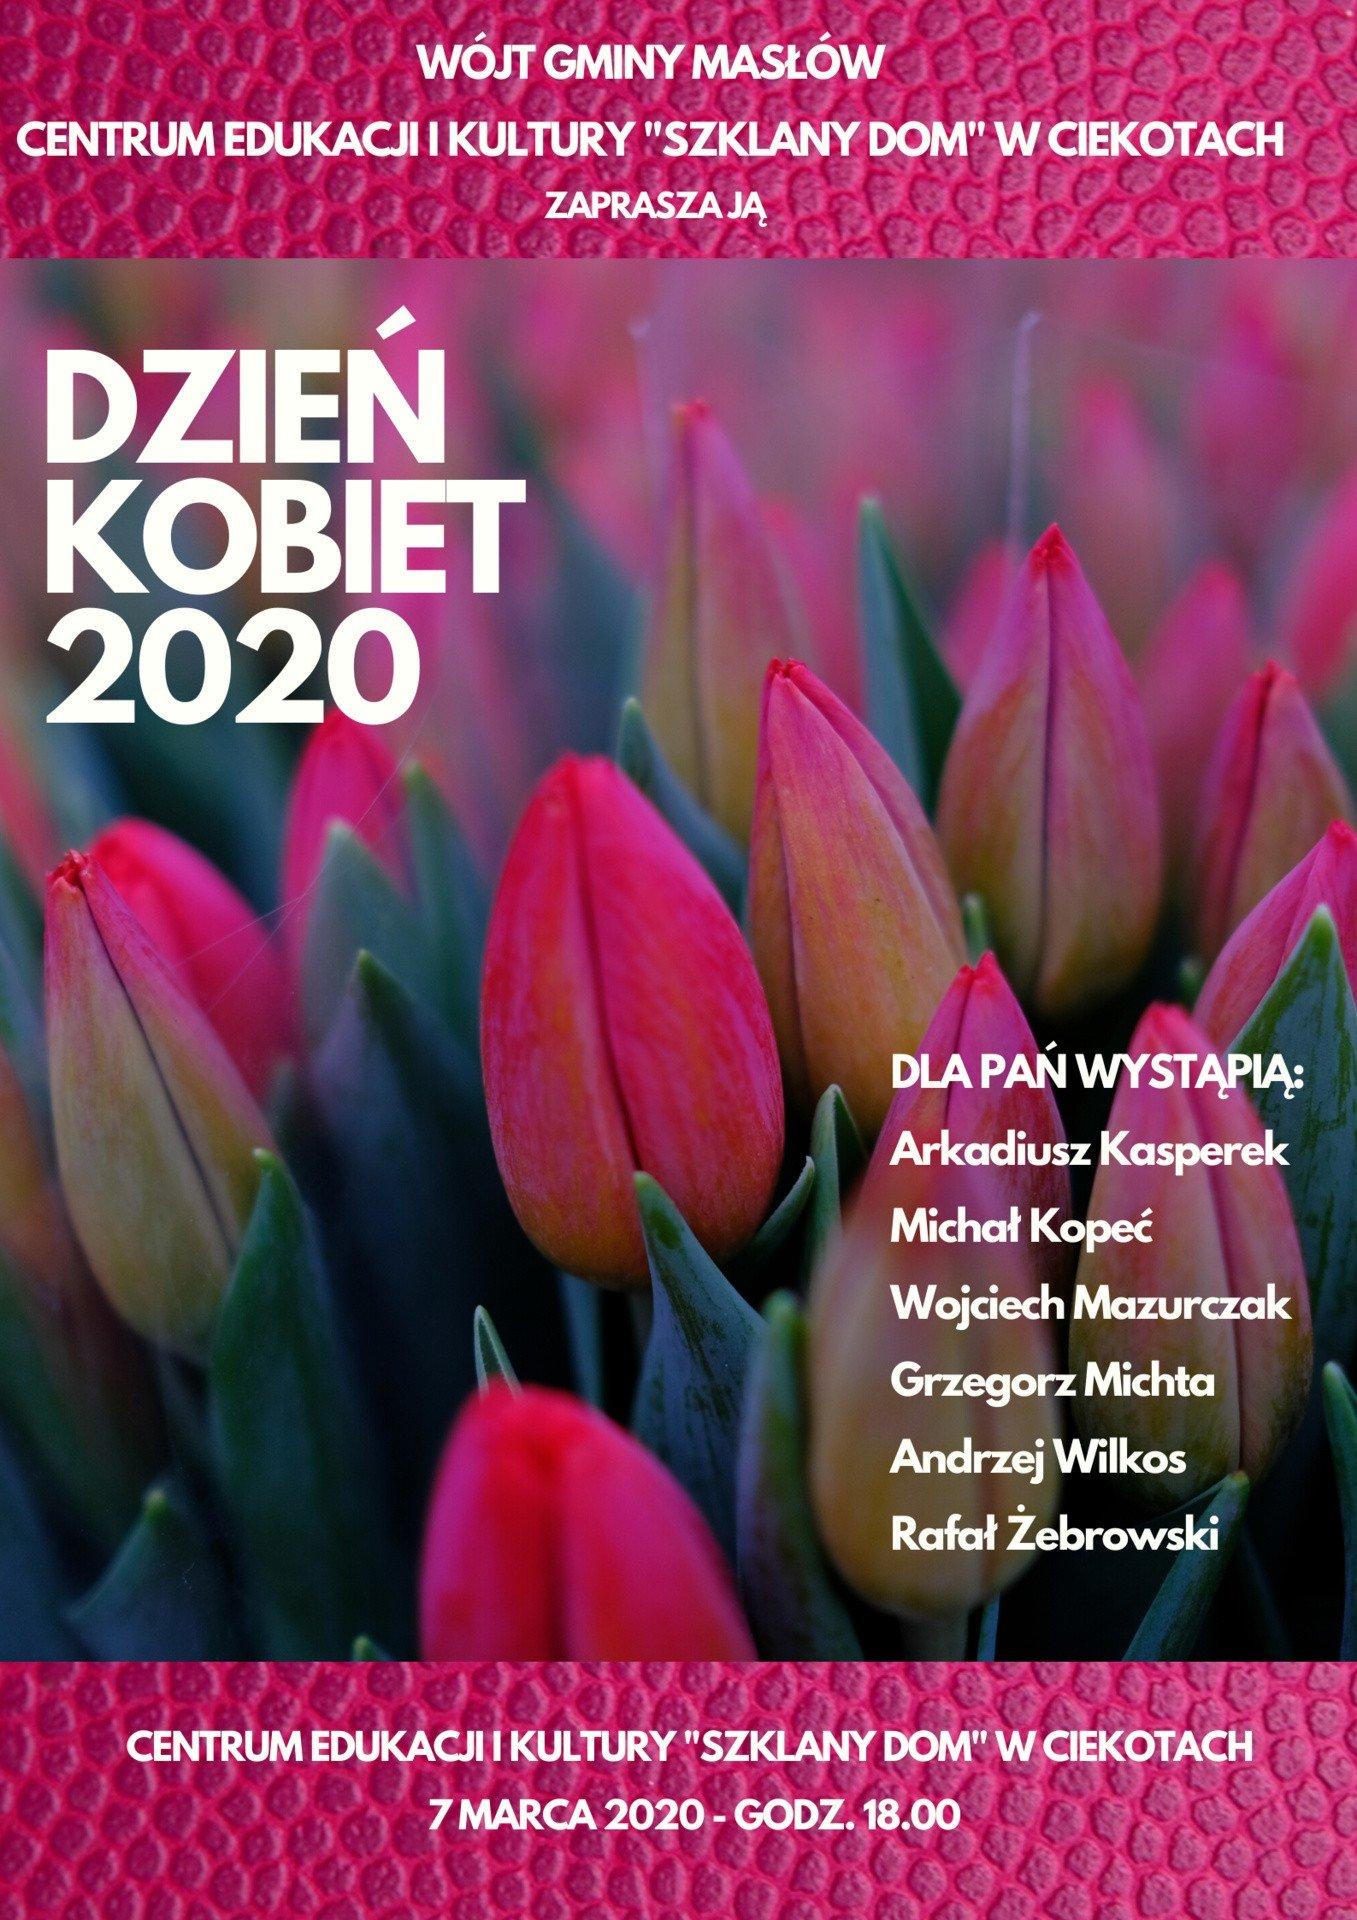 GOSPODARSTWO ROLNE KARY ANDRZEJ Company Profile